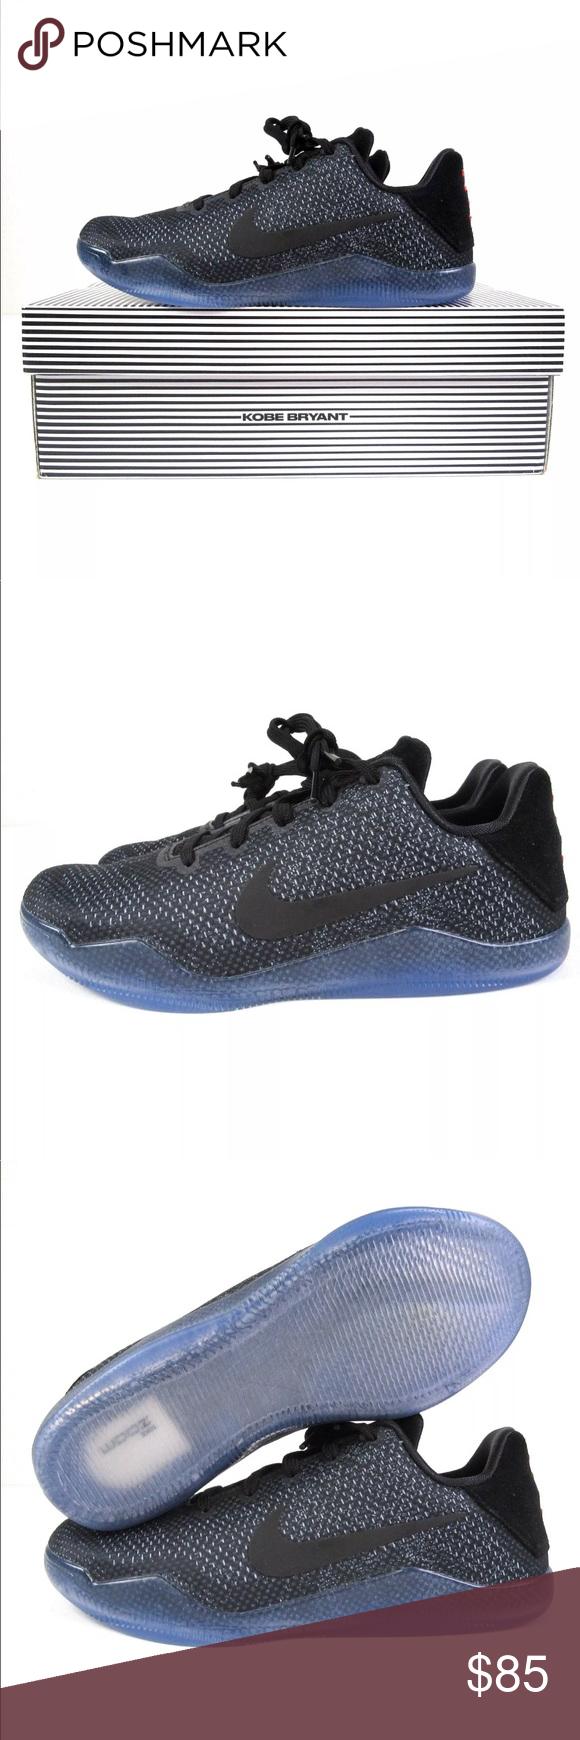 release date ae6f4 50466 Nike Kobe 11 XI Youth GS Size 7Y Basketball Shoes Nike Kobe ...